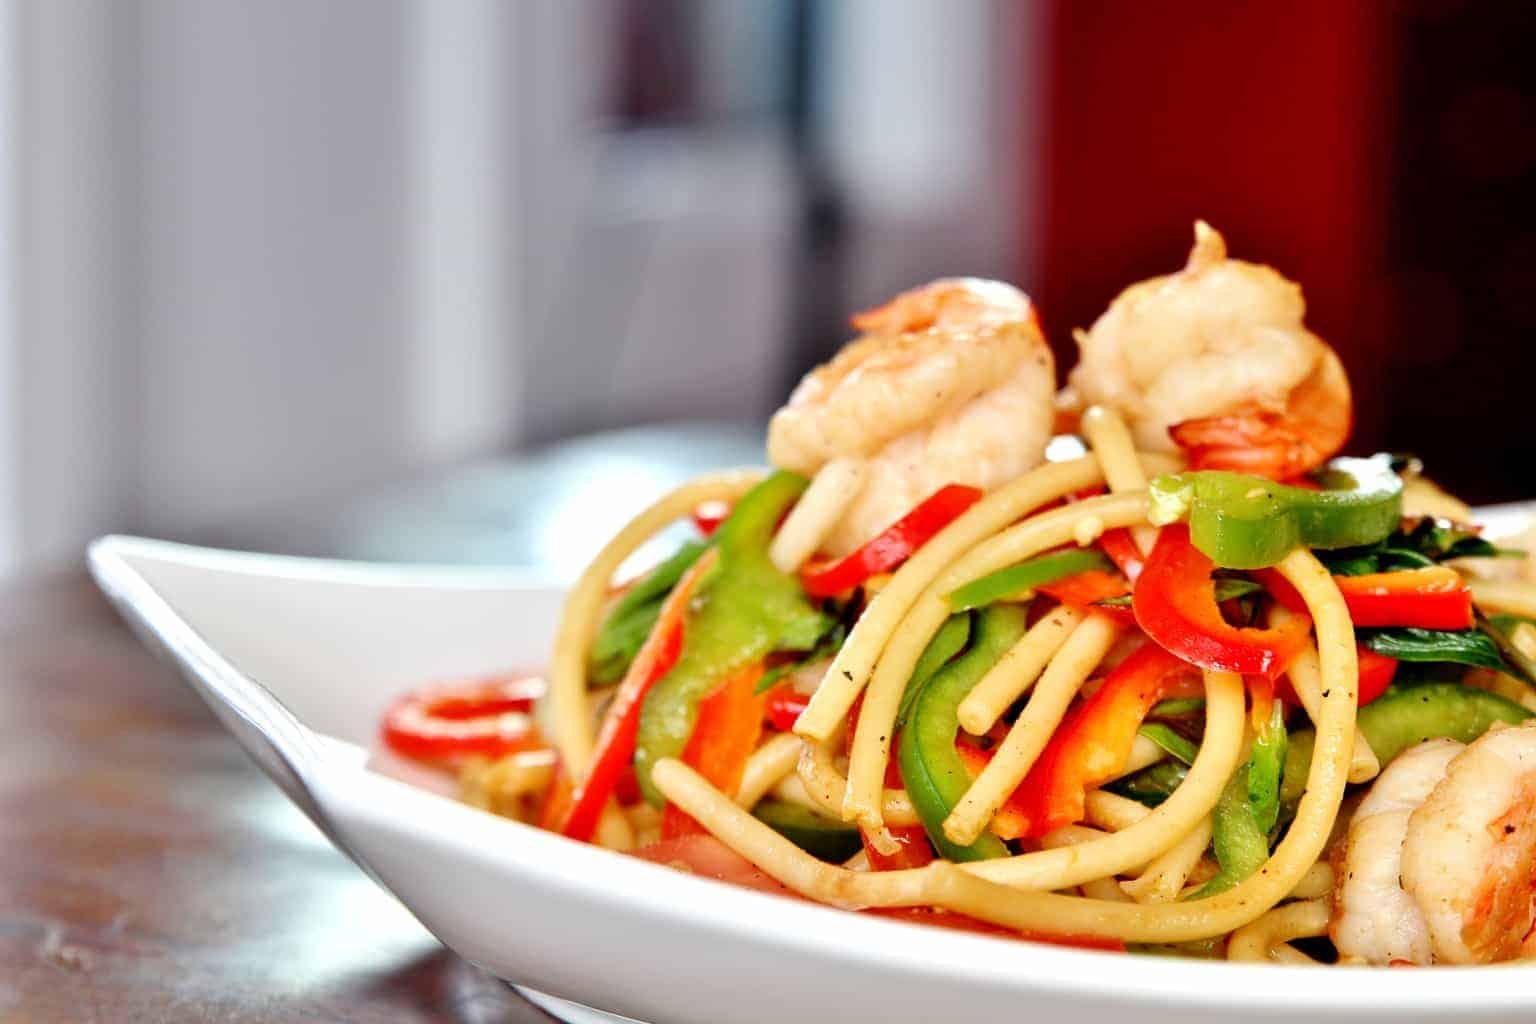 Thai Food Delivery Buckhead Atlanta